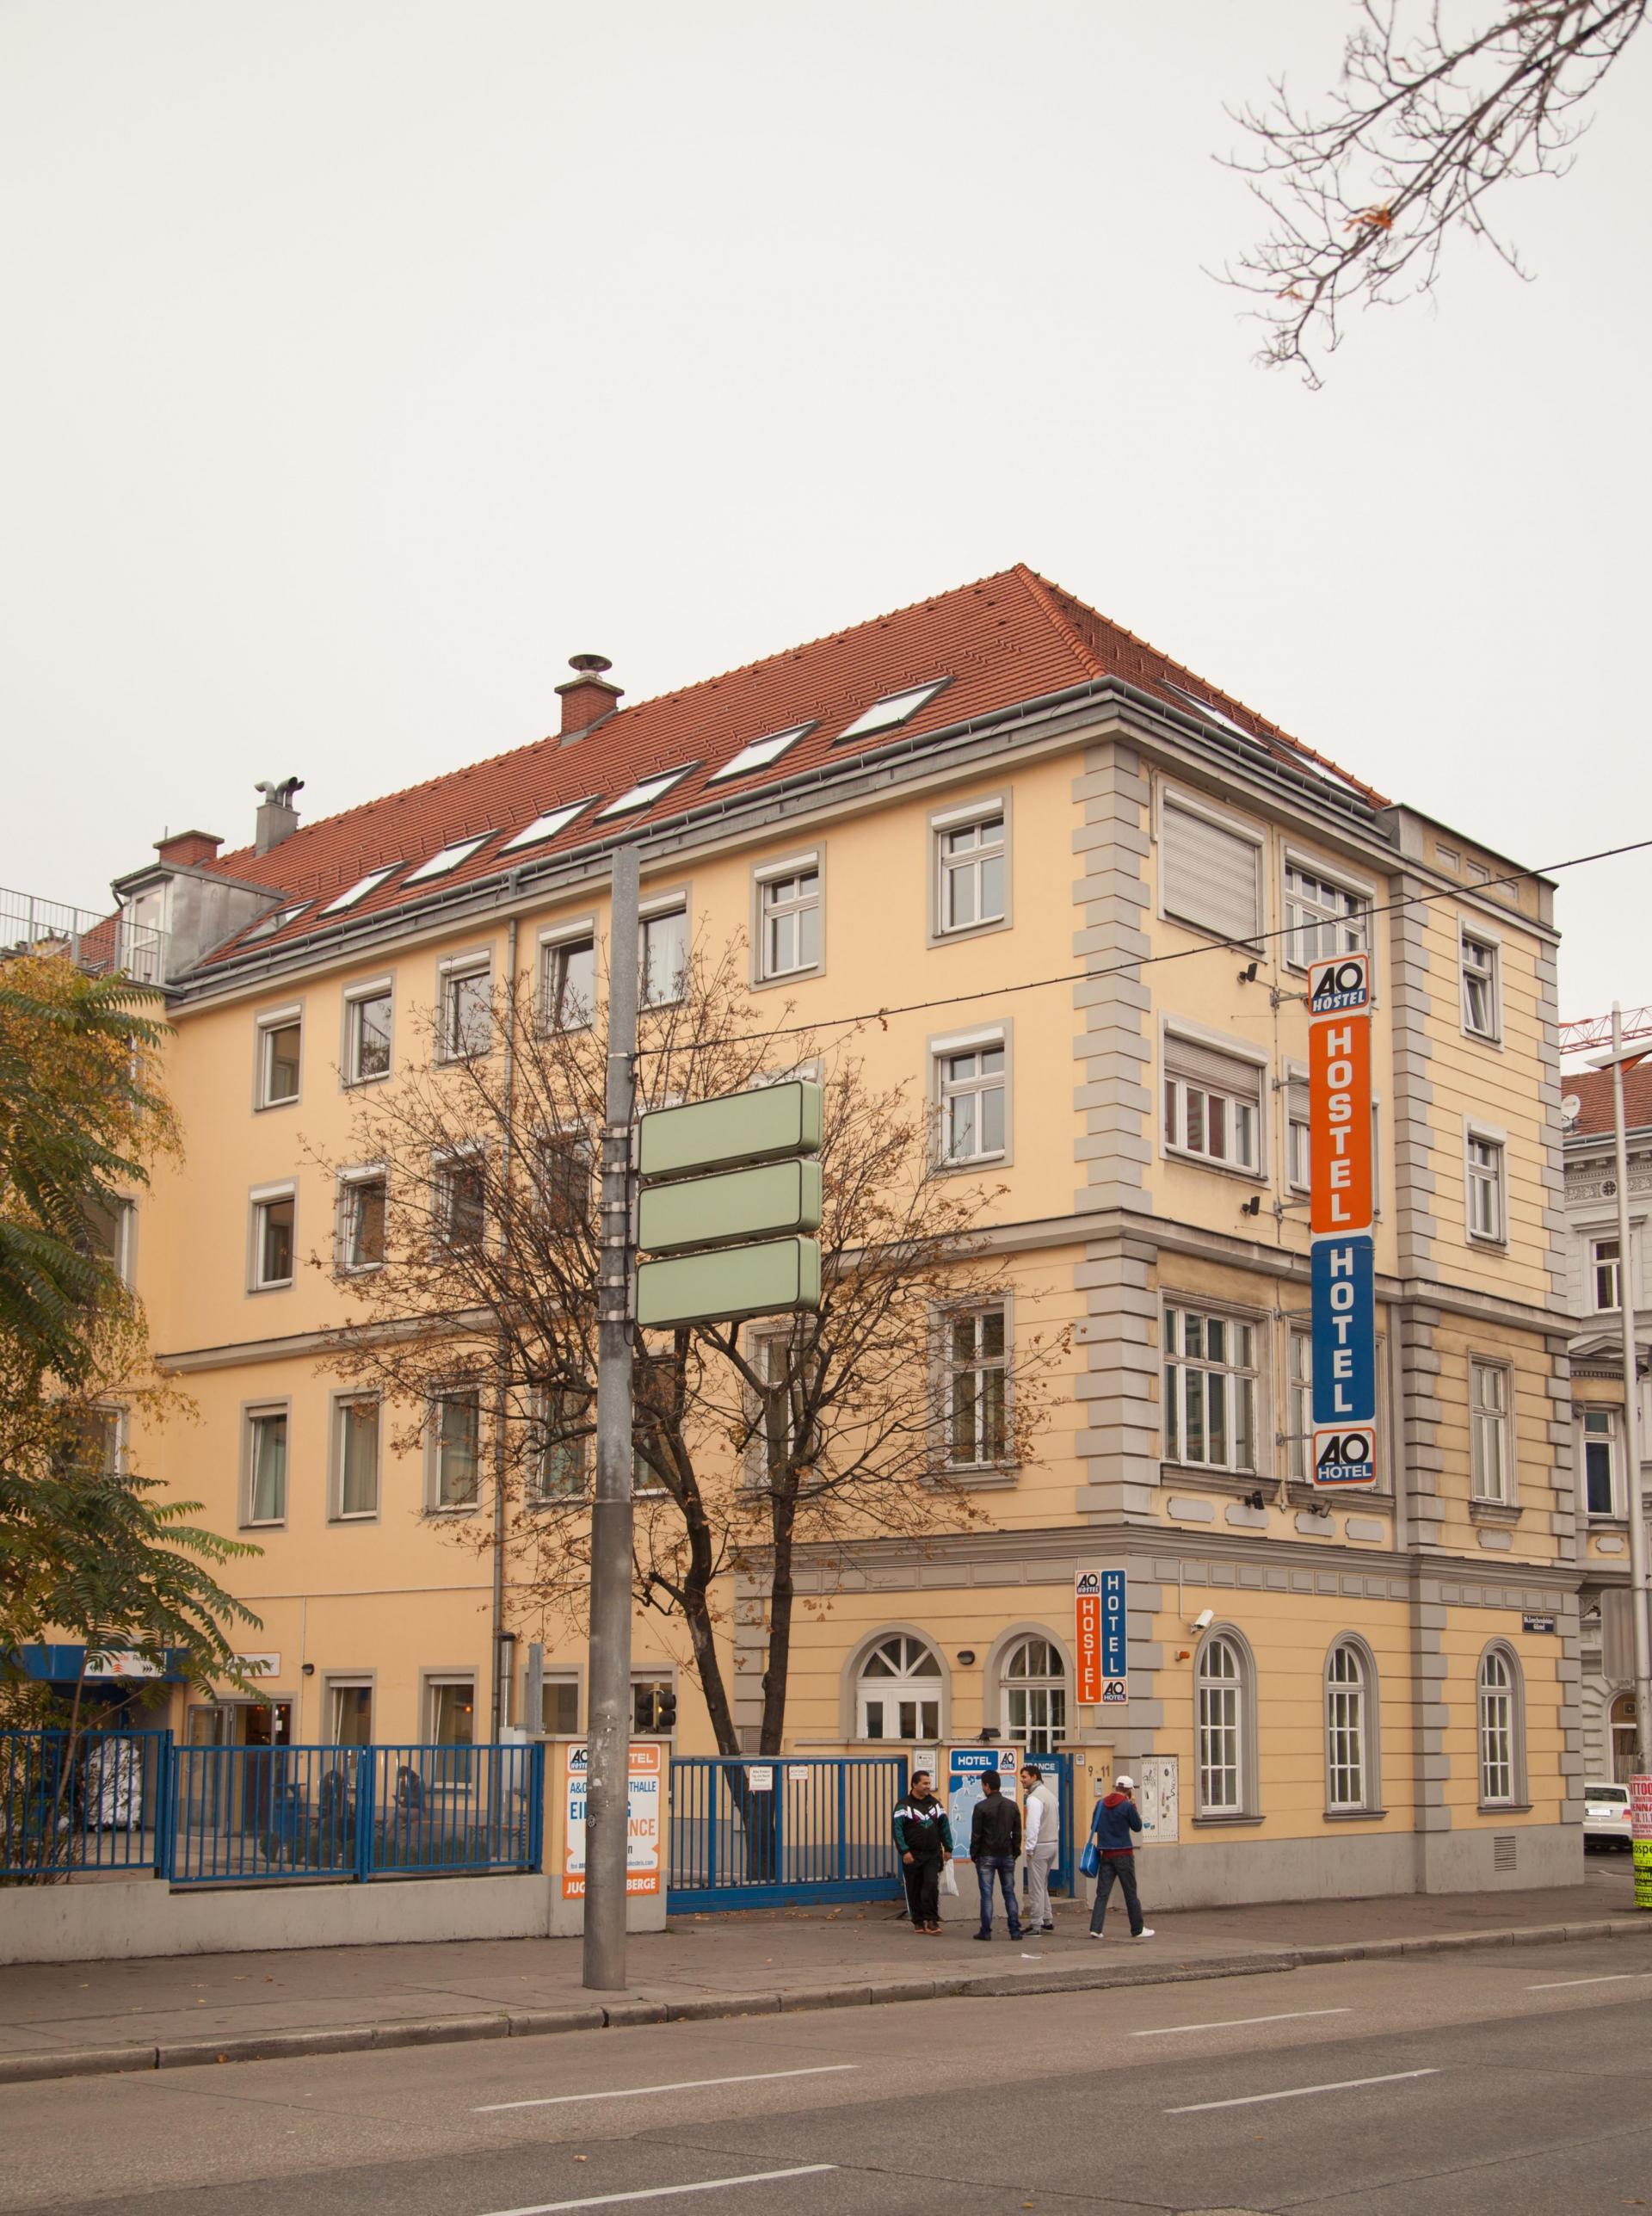 Hostel A&O Wien Stadthalle